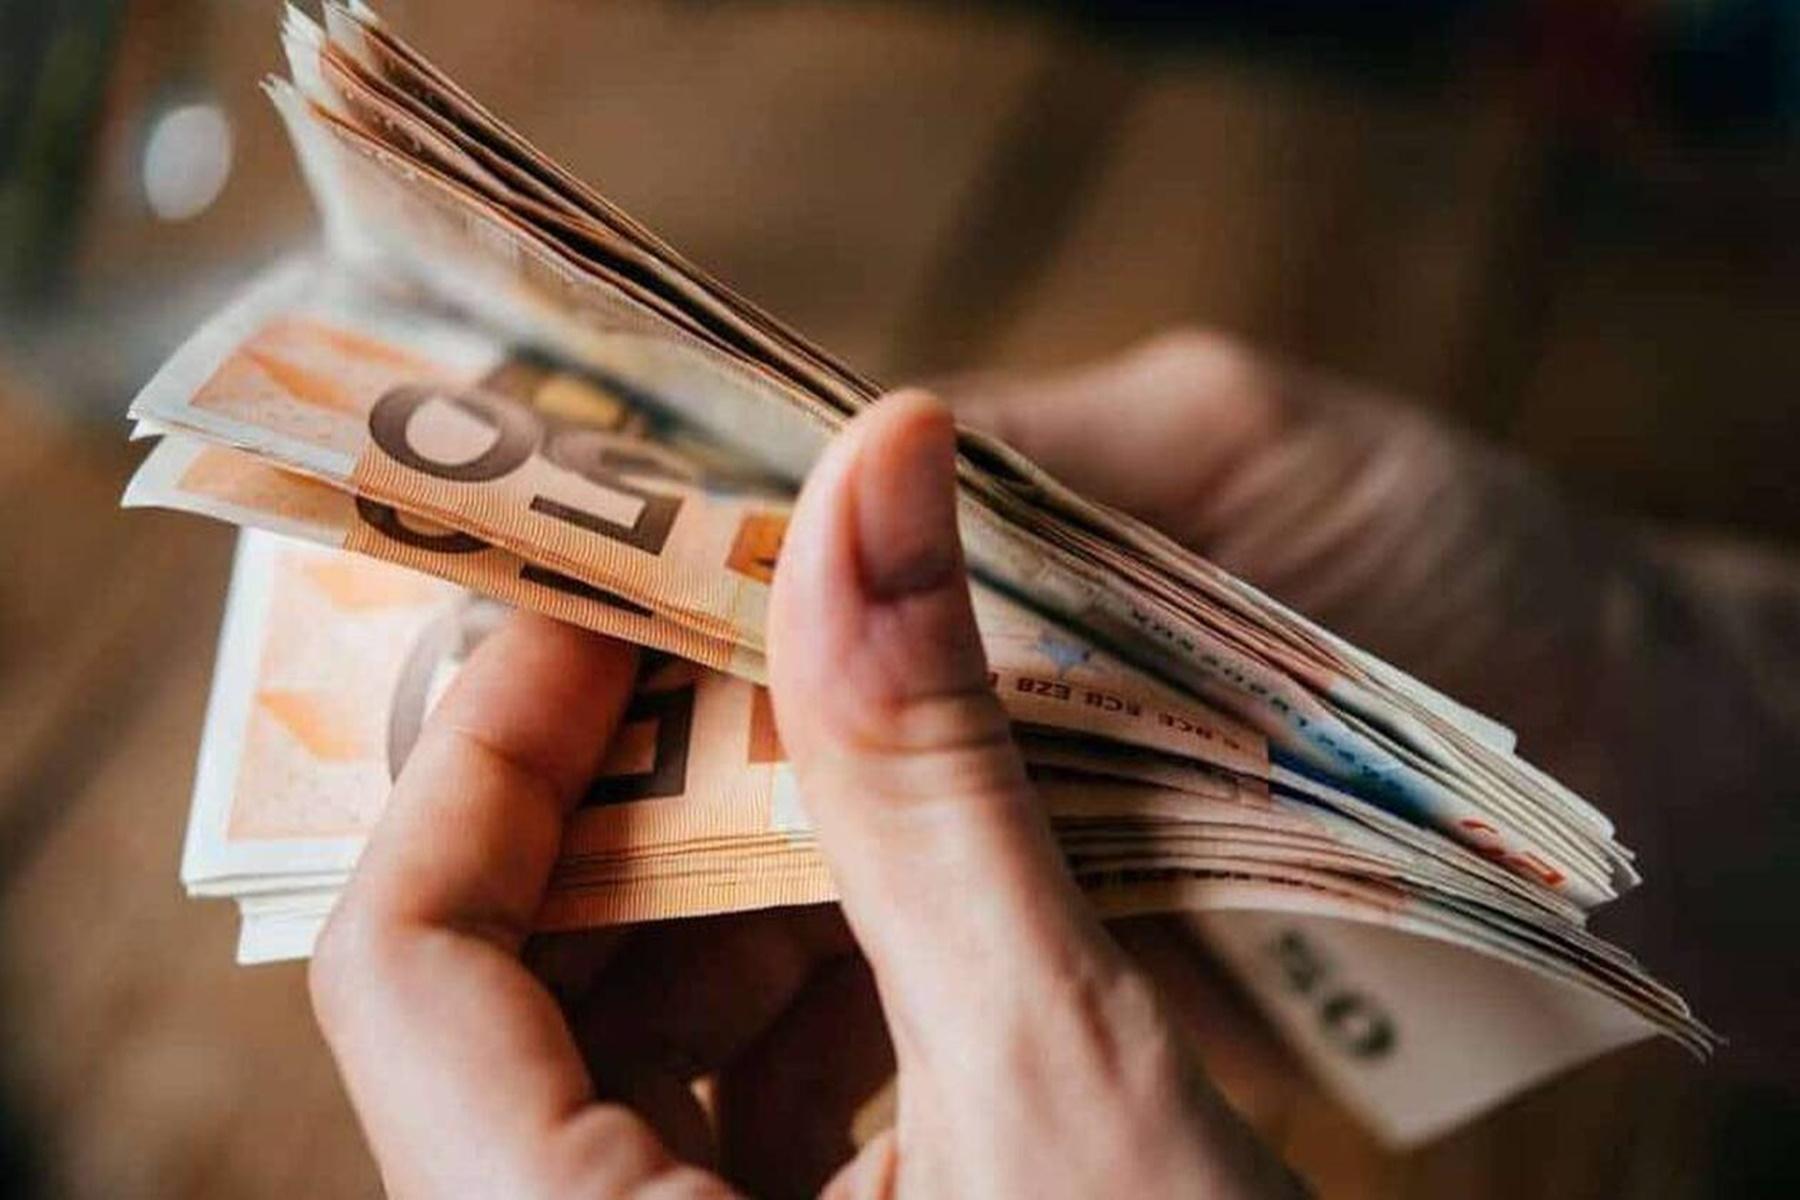 Πληρωμές e-ΕΦΚΑ ΟΑΕΔ: Ποιες πληρωμές γίνονται από 6/9 από υπ. Εργασίας, e-ΕΦΚΑ και ΟΑΕΔ